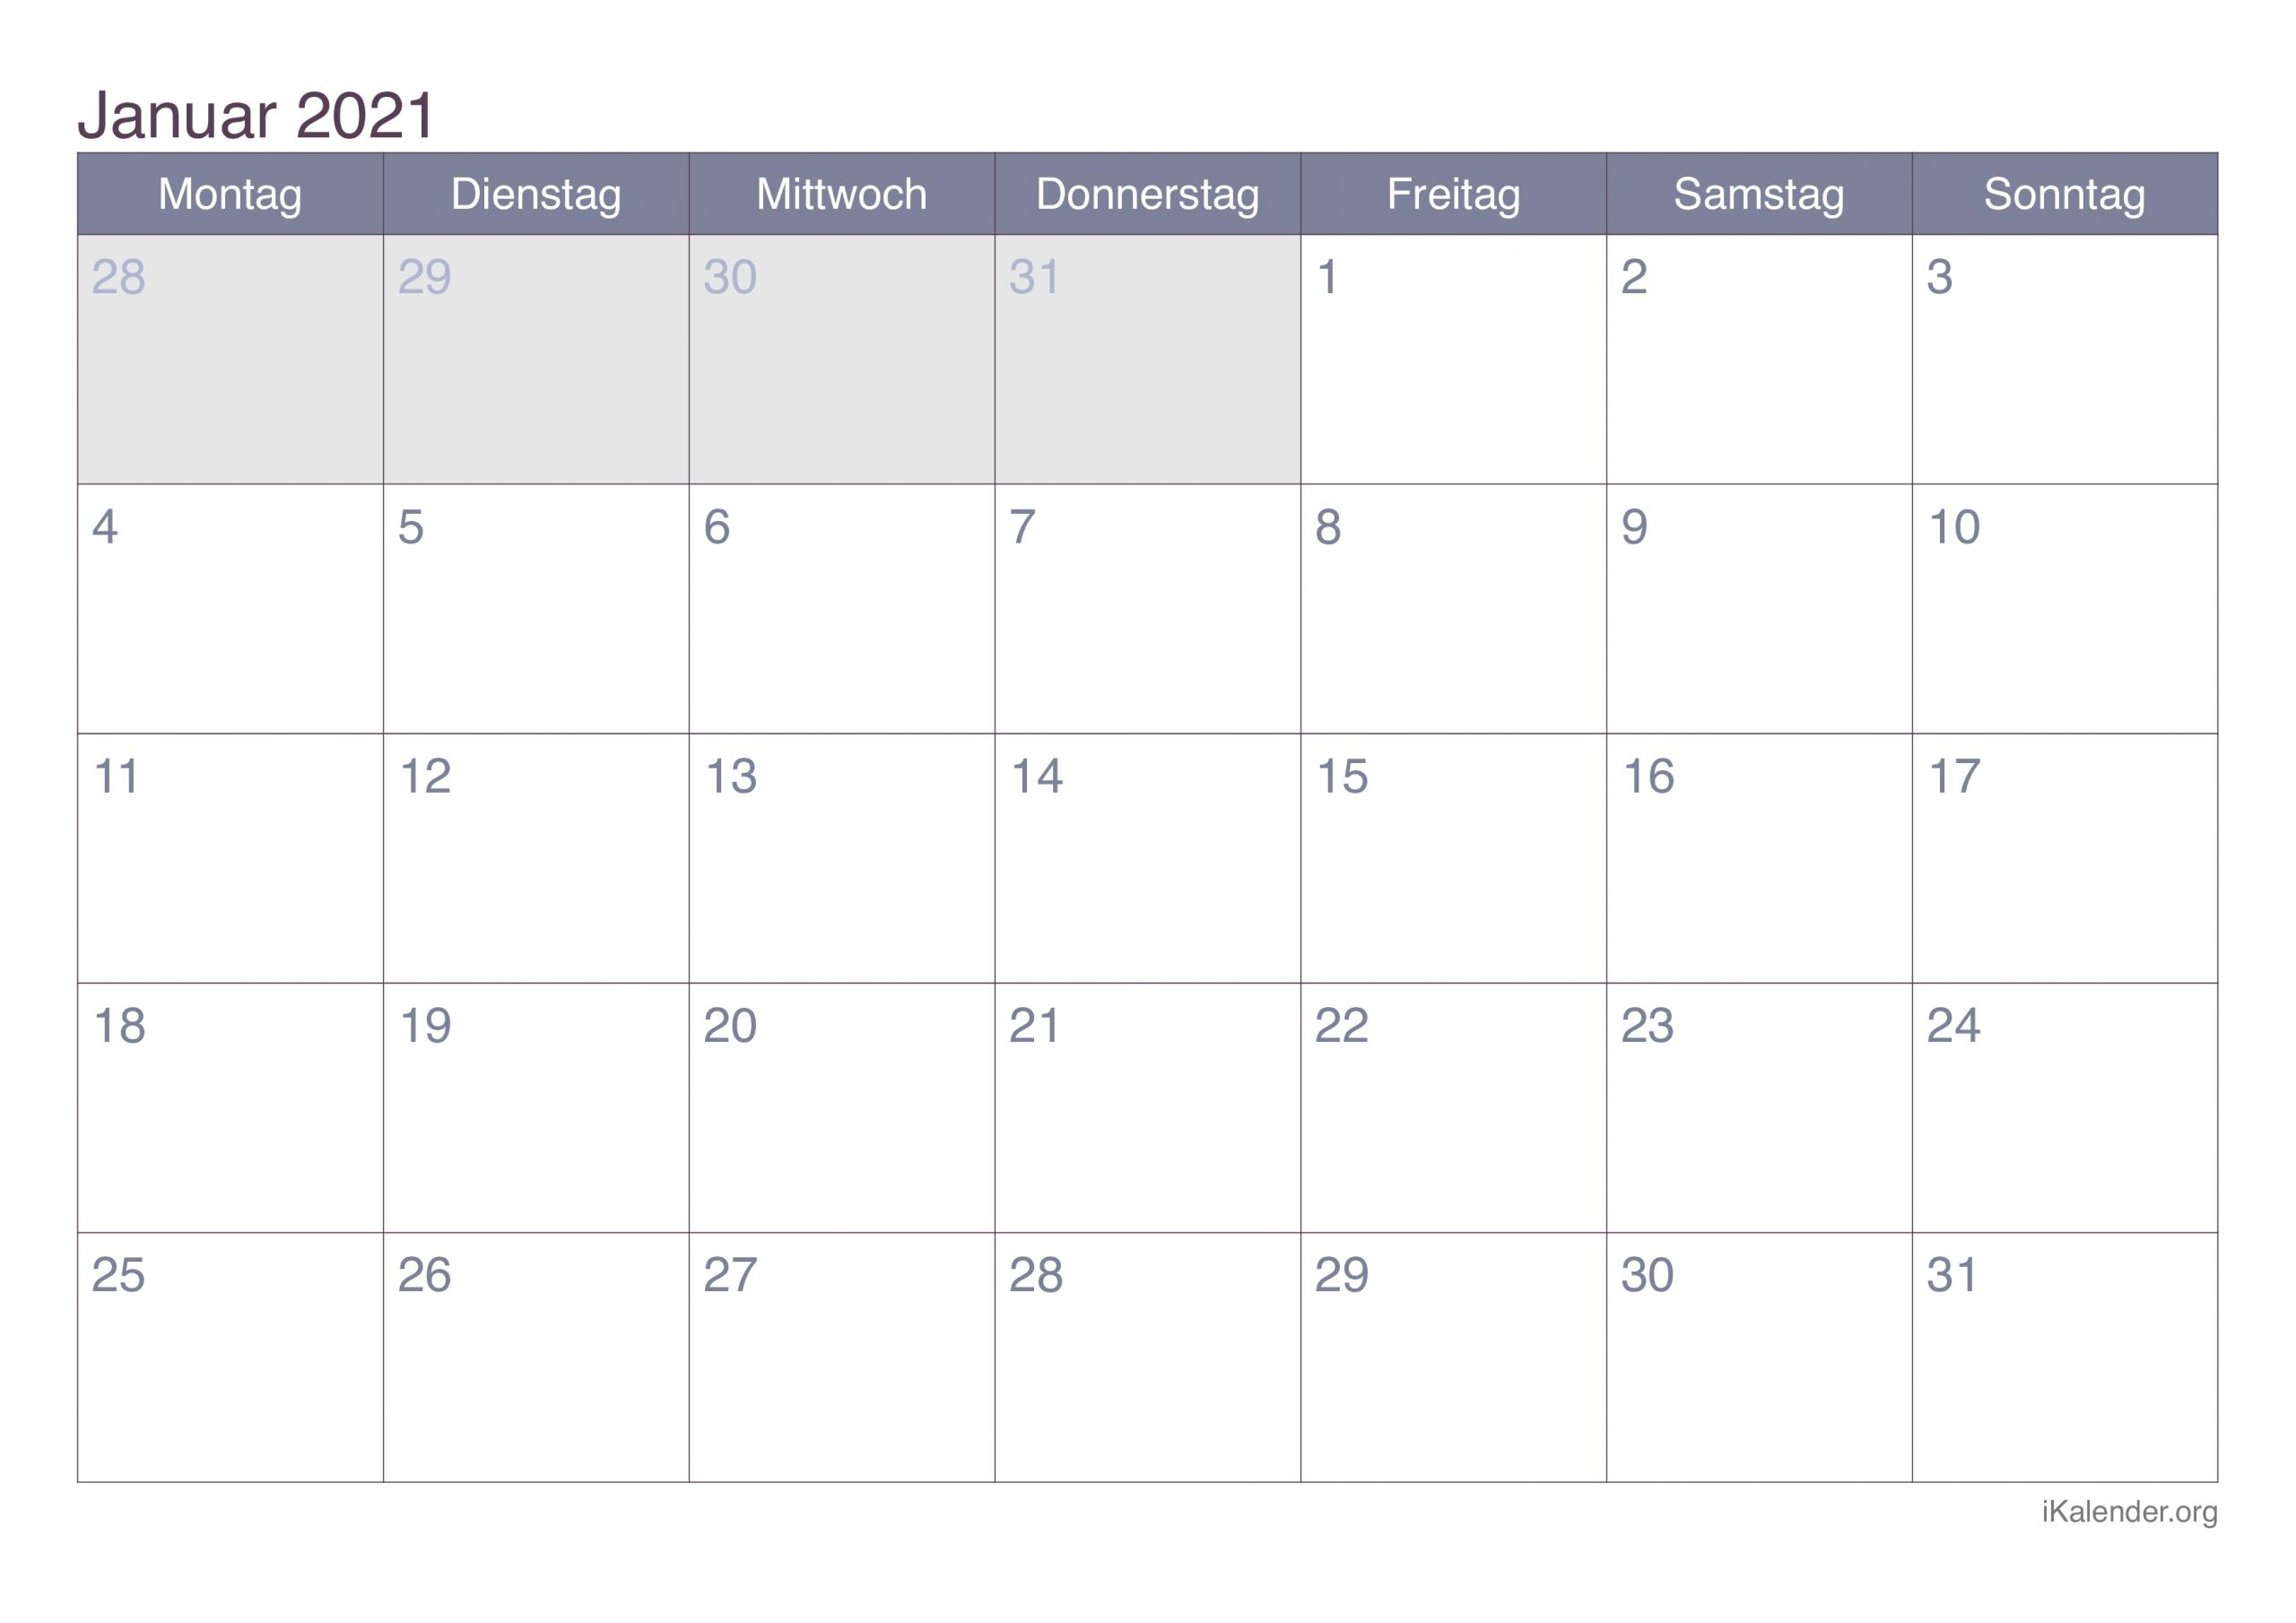 Get Kalenderblätter Monat 2021 Drucken